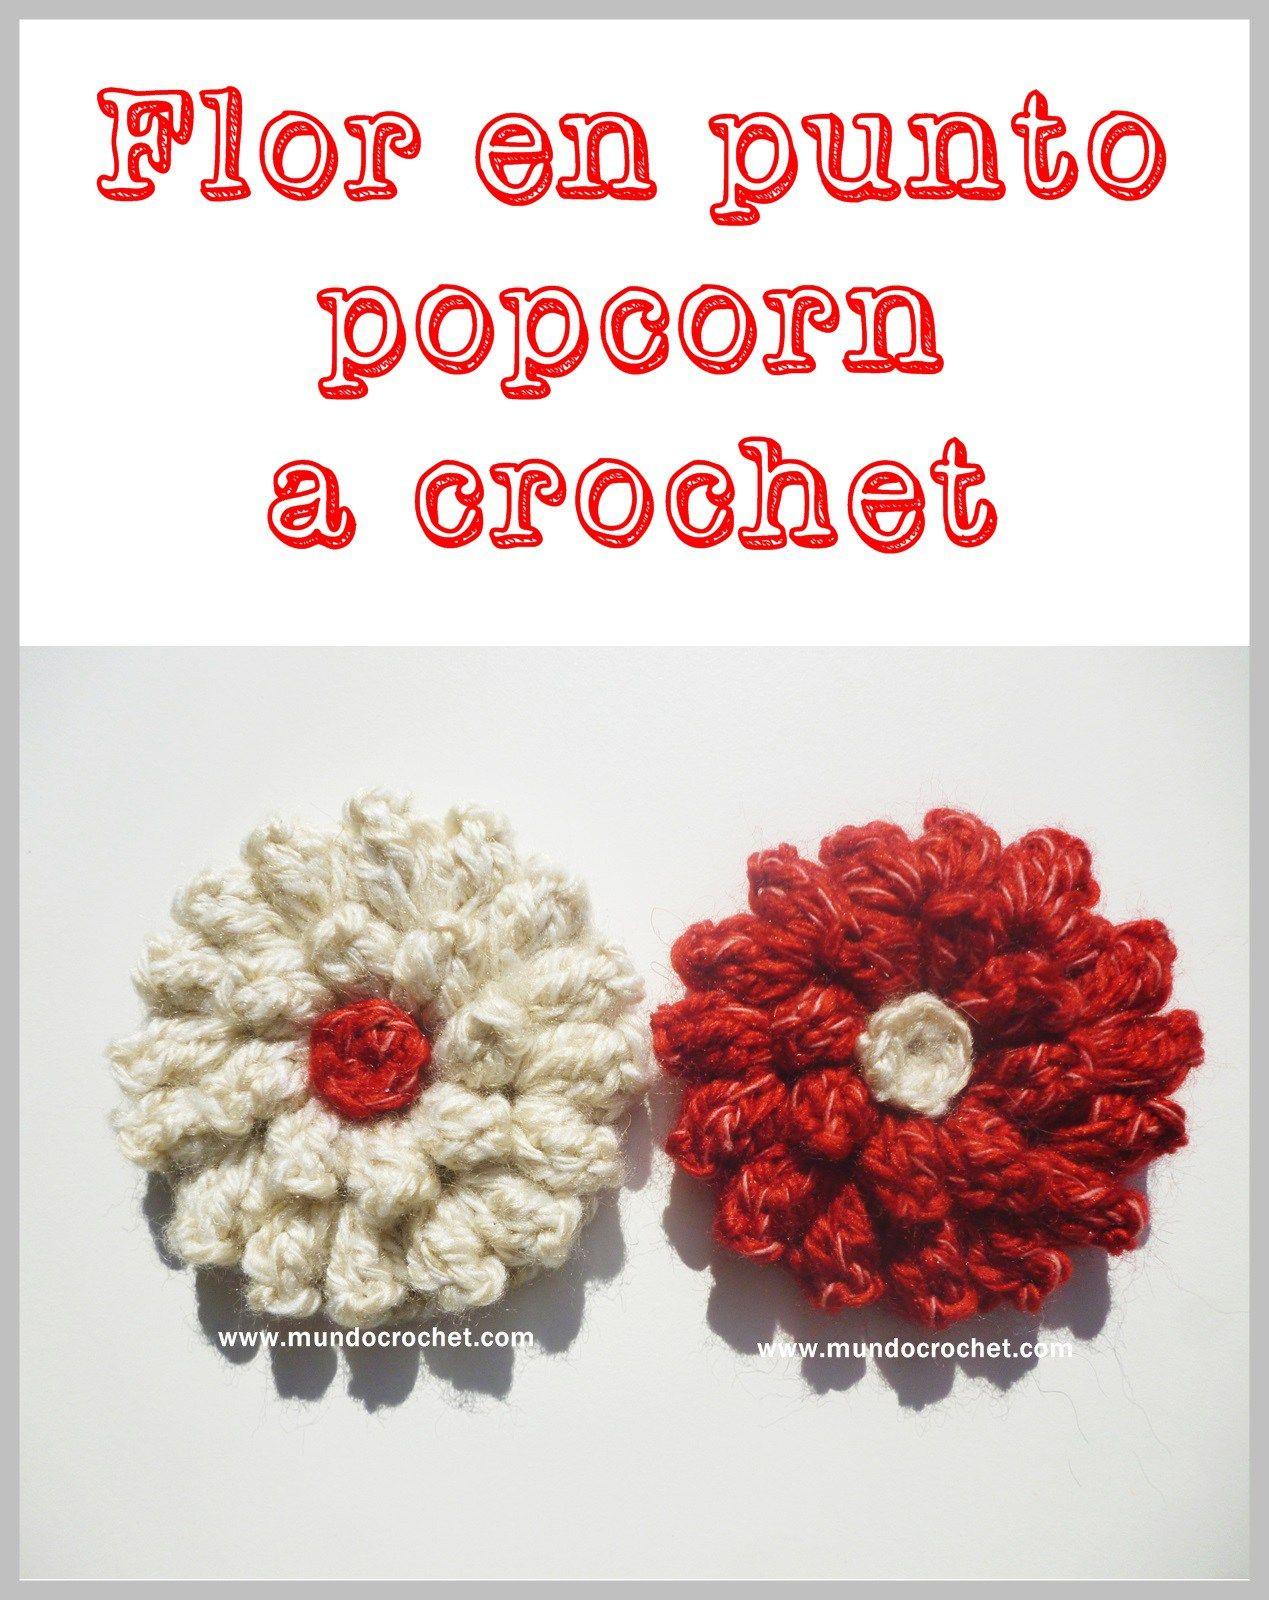 Patron flor en punto popcorn a crochet o ganchillo | Crochet ...